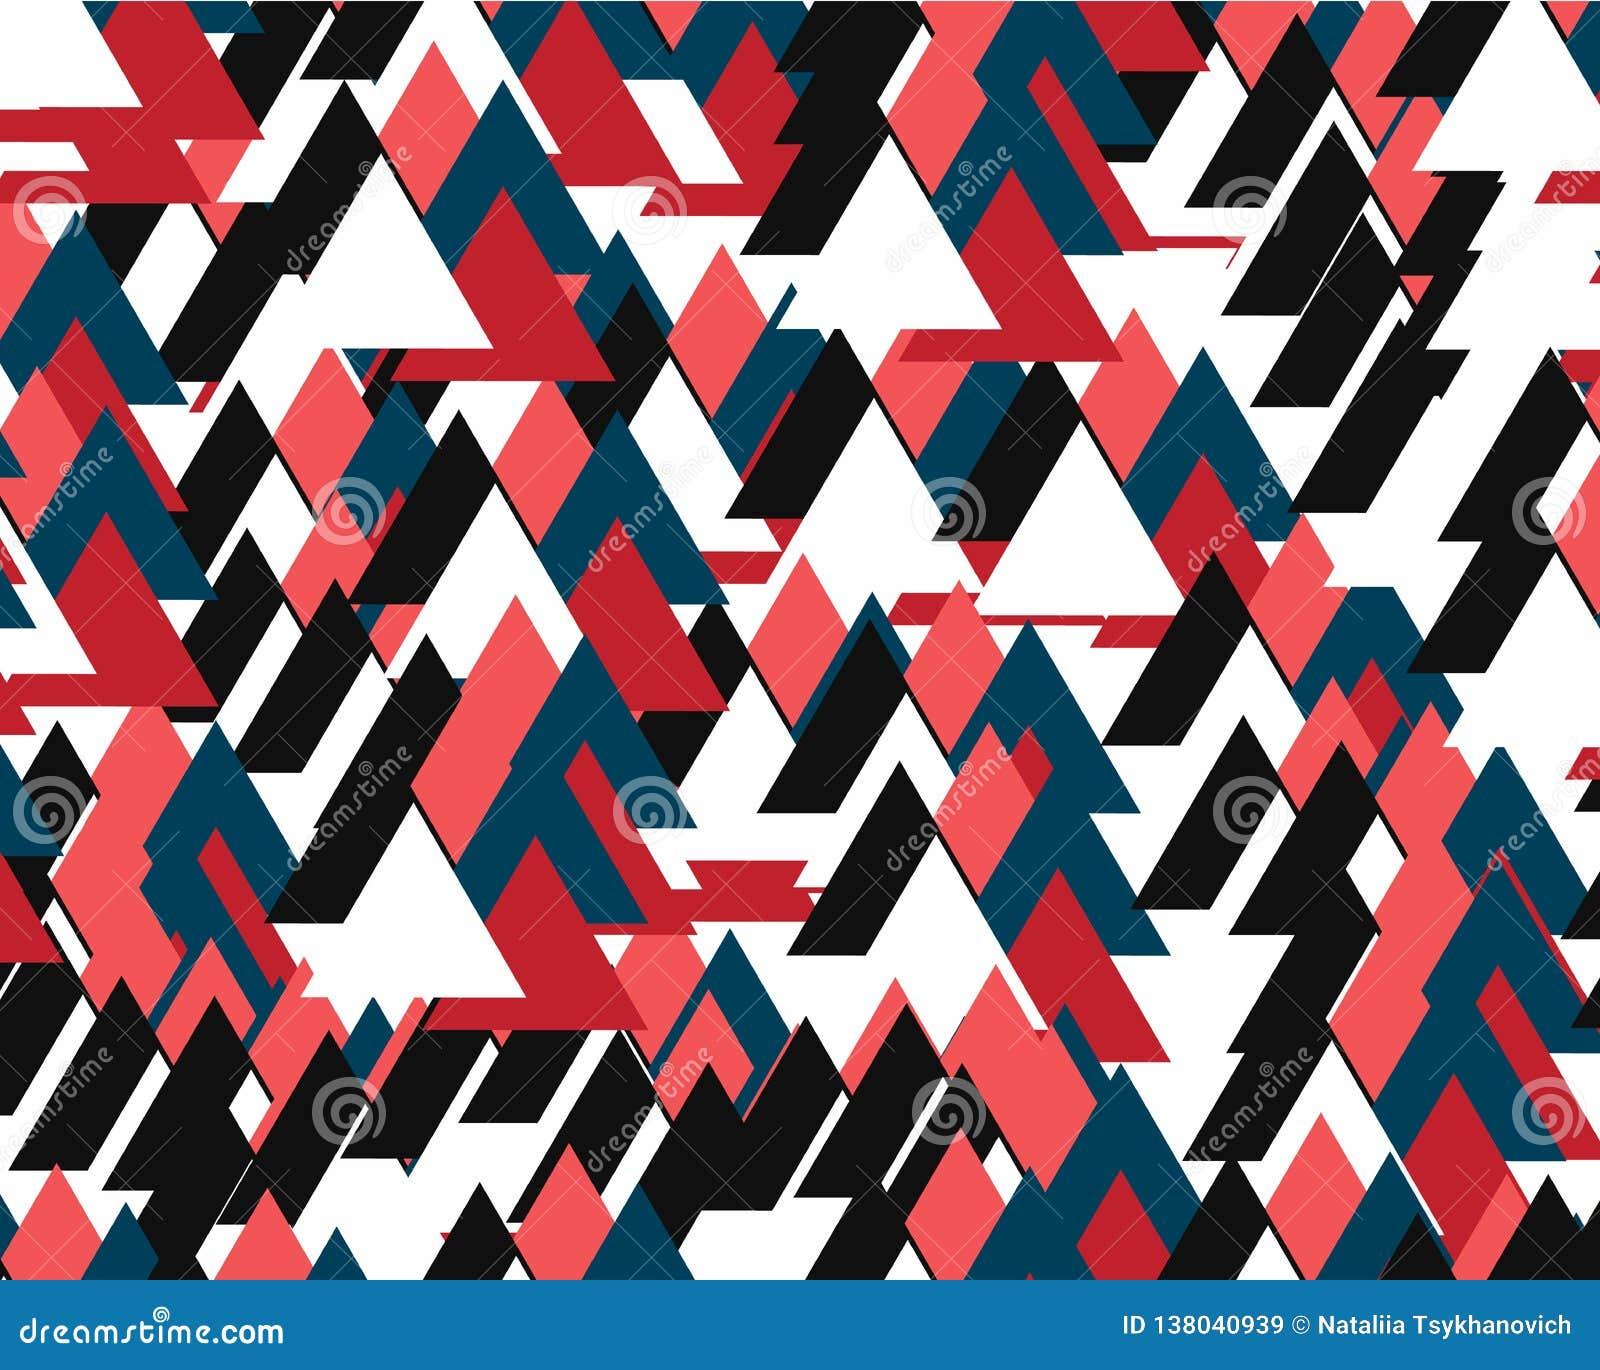 Abstrakter Hintergrund, welche aus vielen farbigen Dreiecken besteht